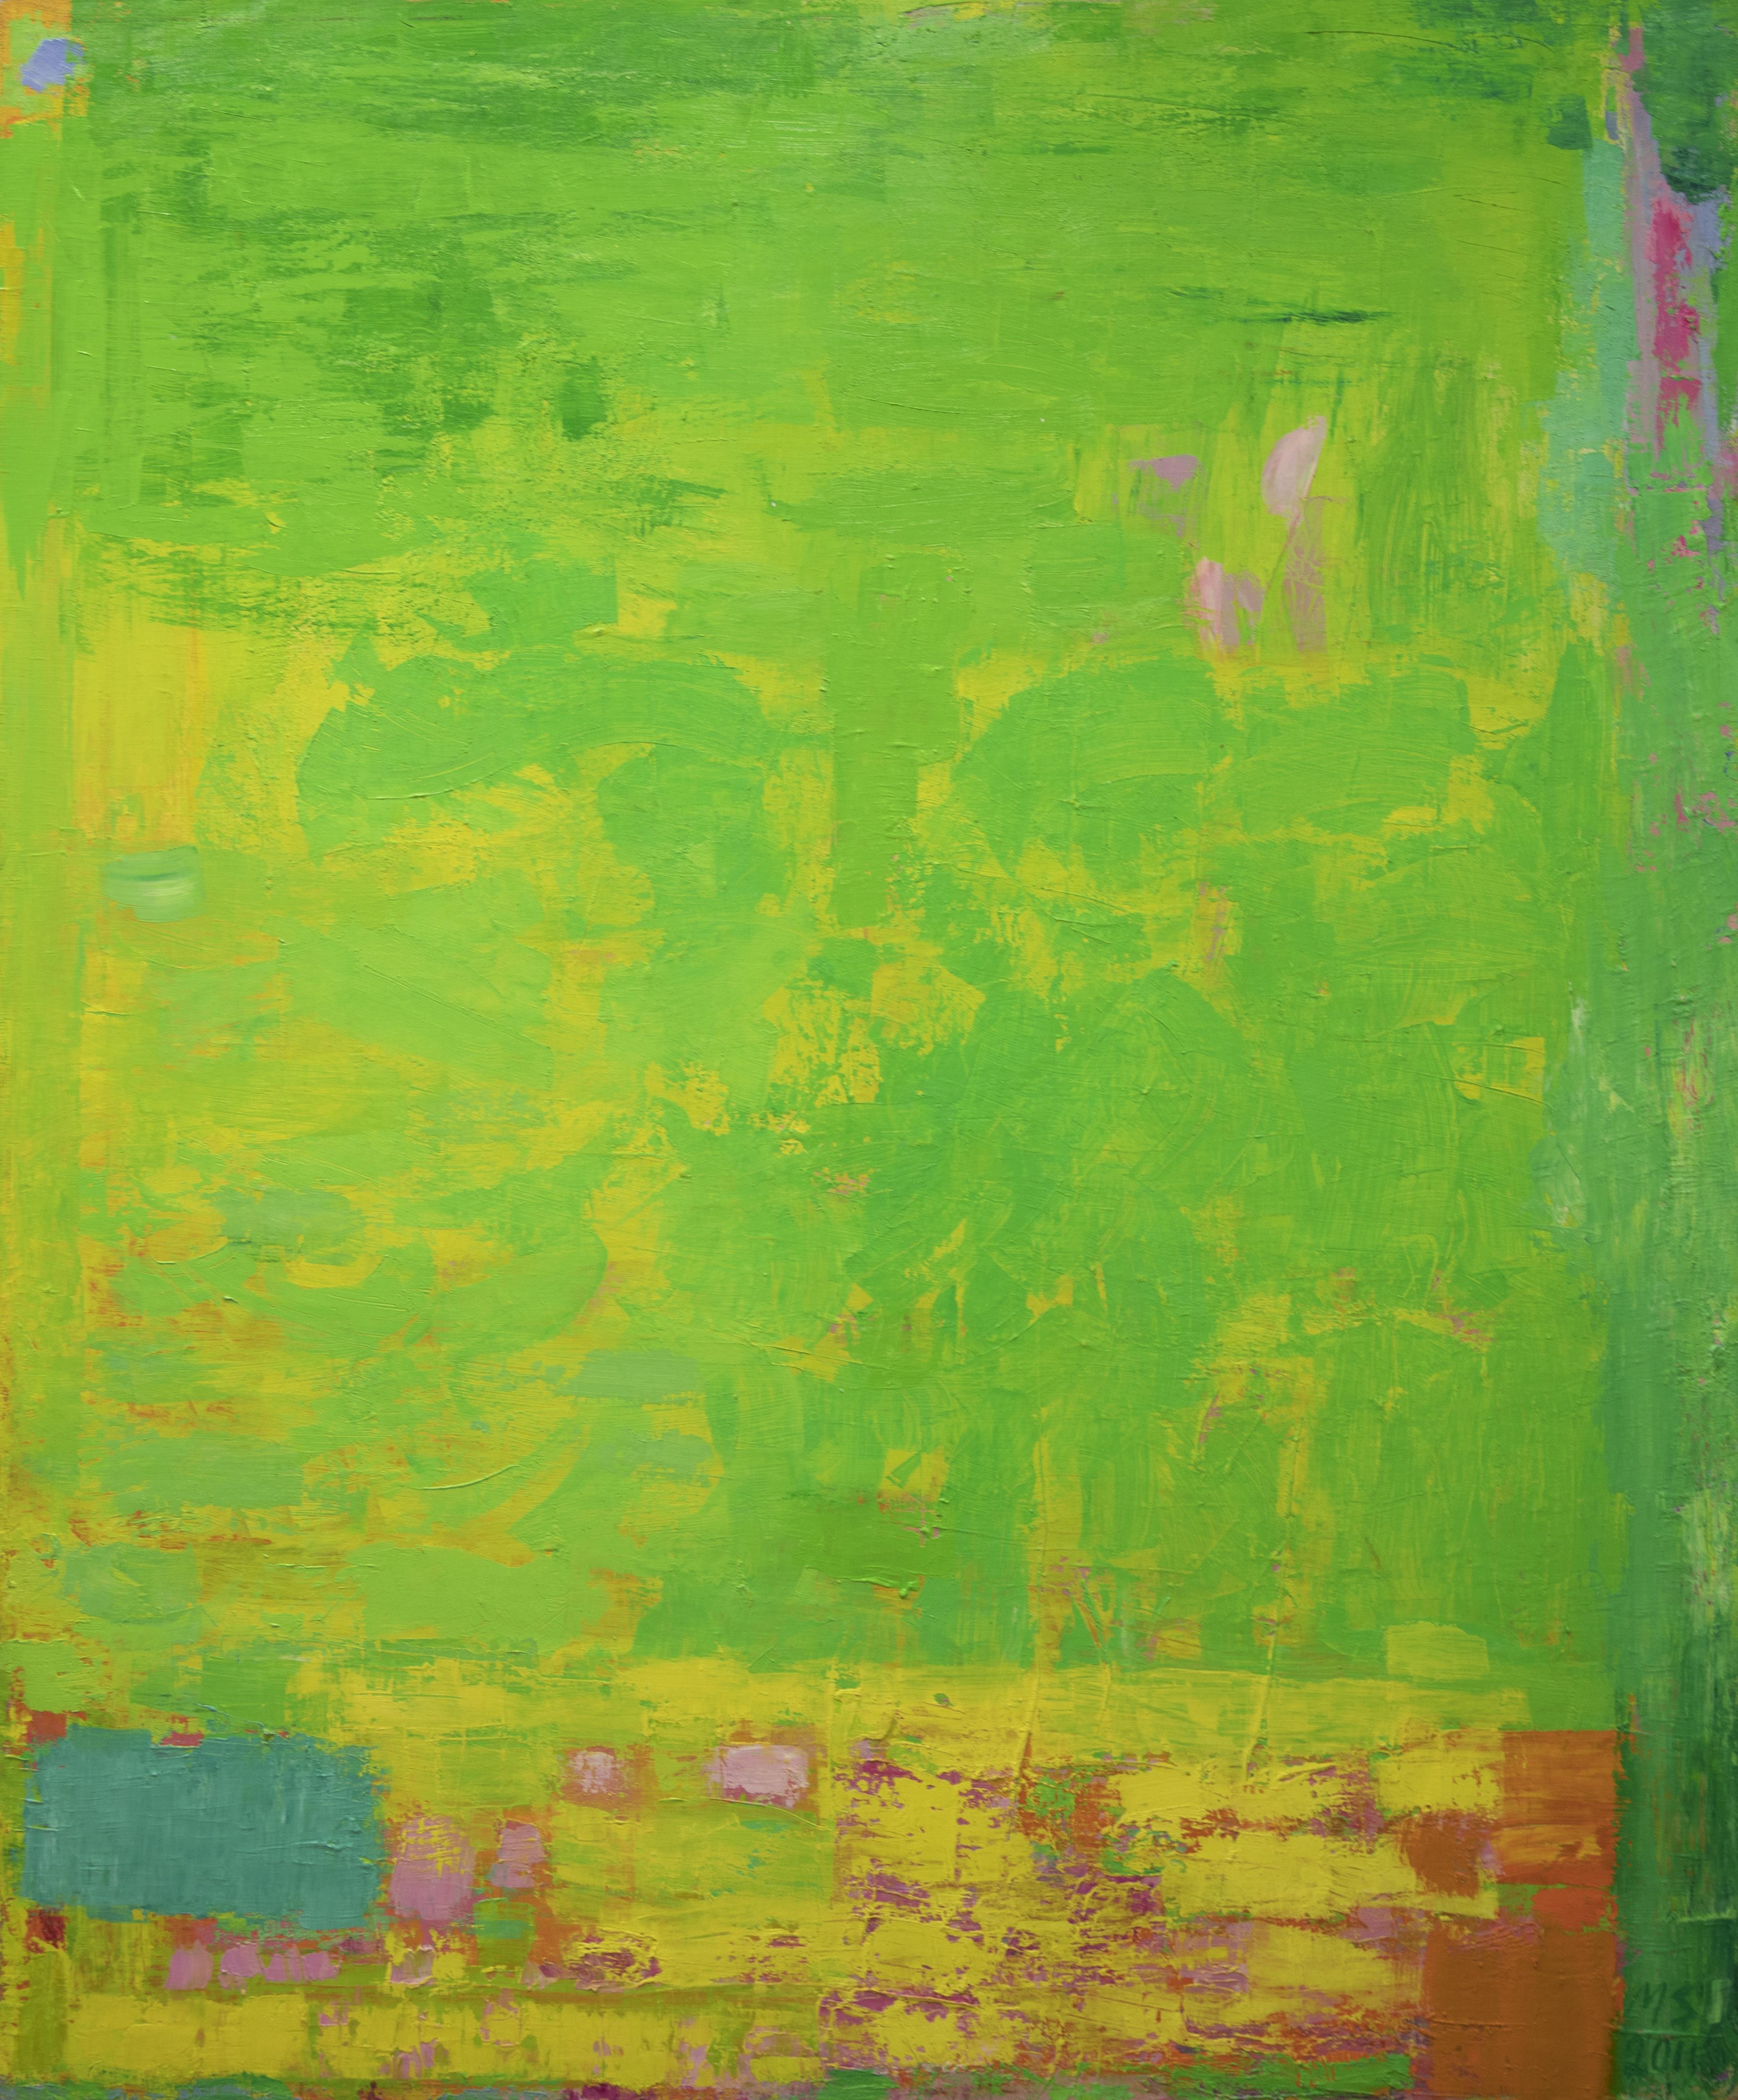 Kellanvihreä abstrakti maalaus. Siellä täällä pinkkiä, oranssia, sinistä.